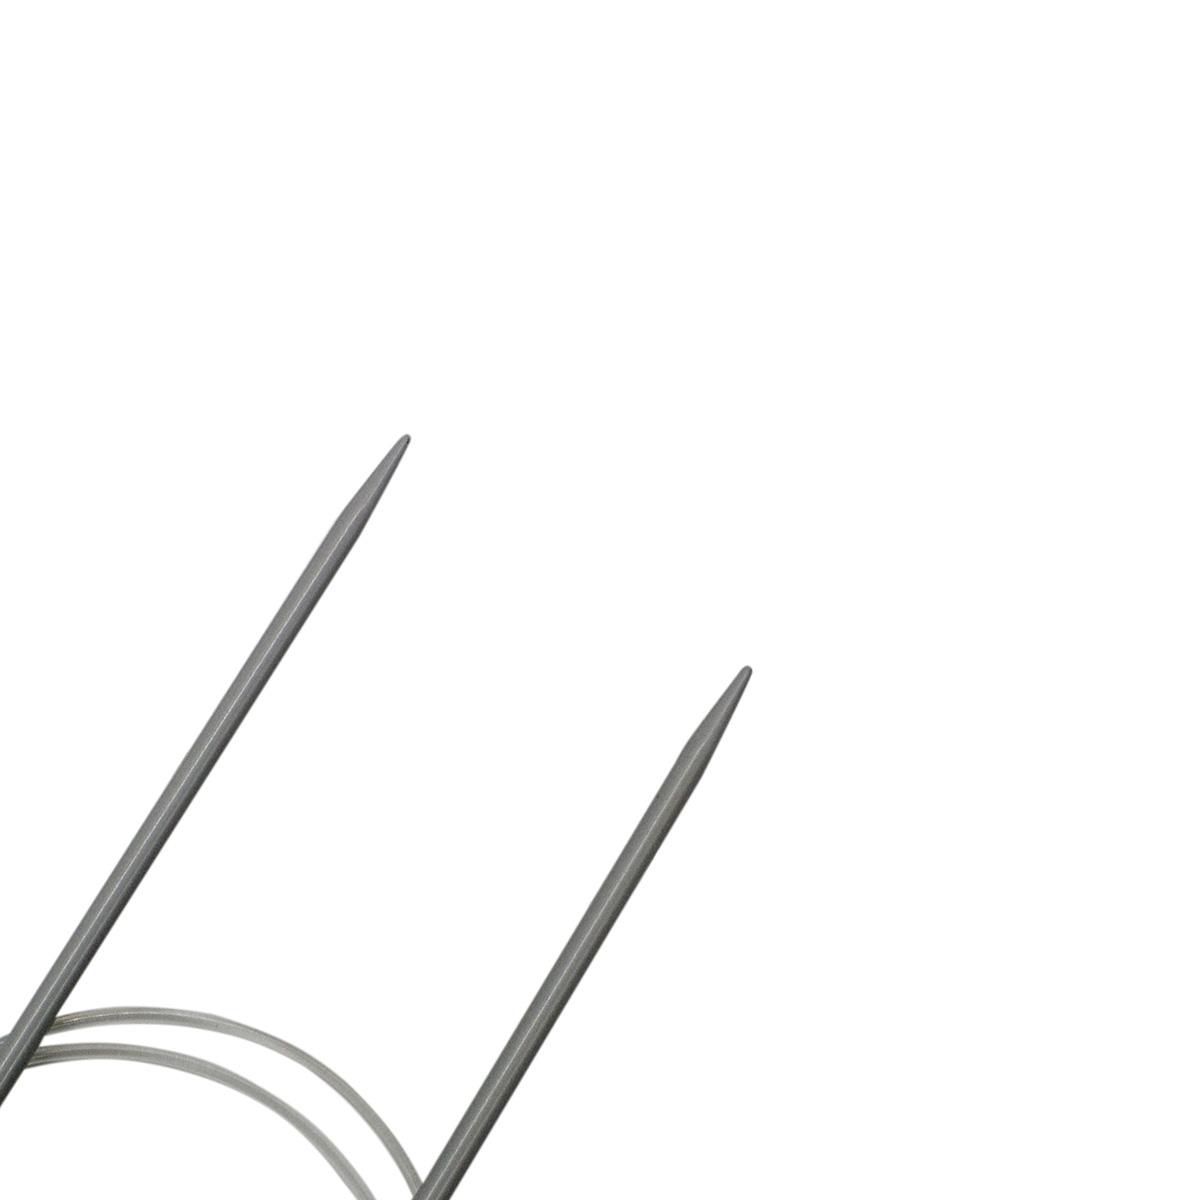 Спицы круговые алюминиевые с покрытием 940135, 80 см, 3,5 мм, Hobby&Pro